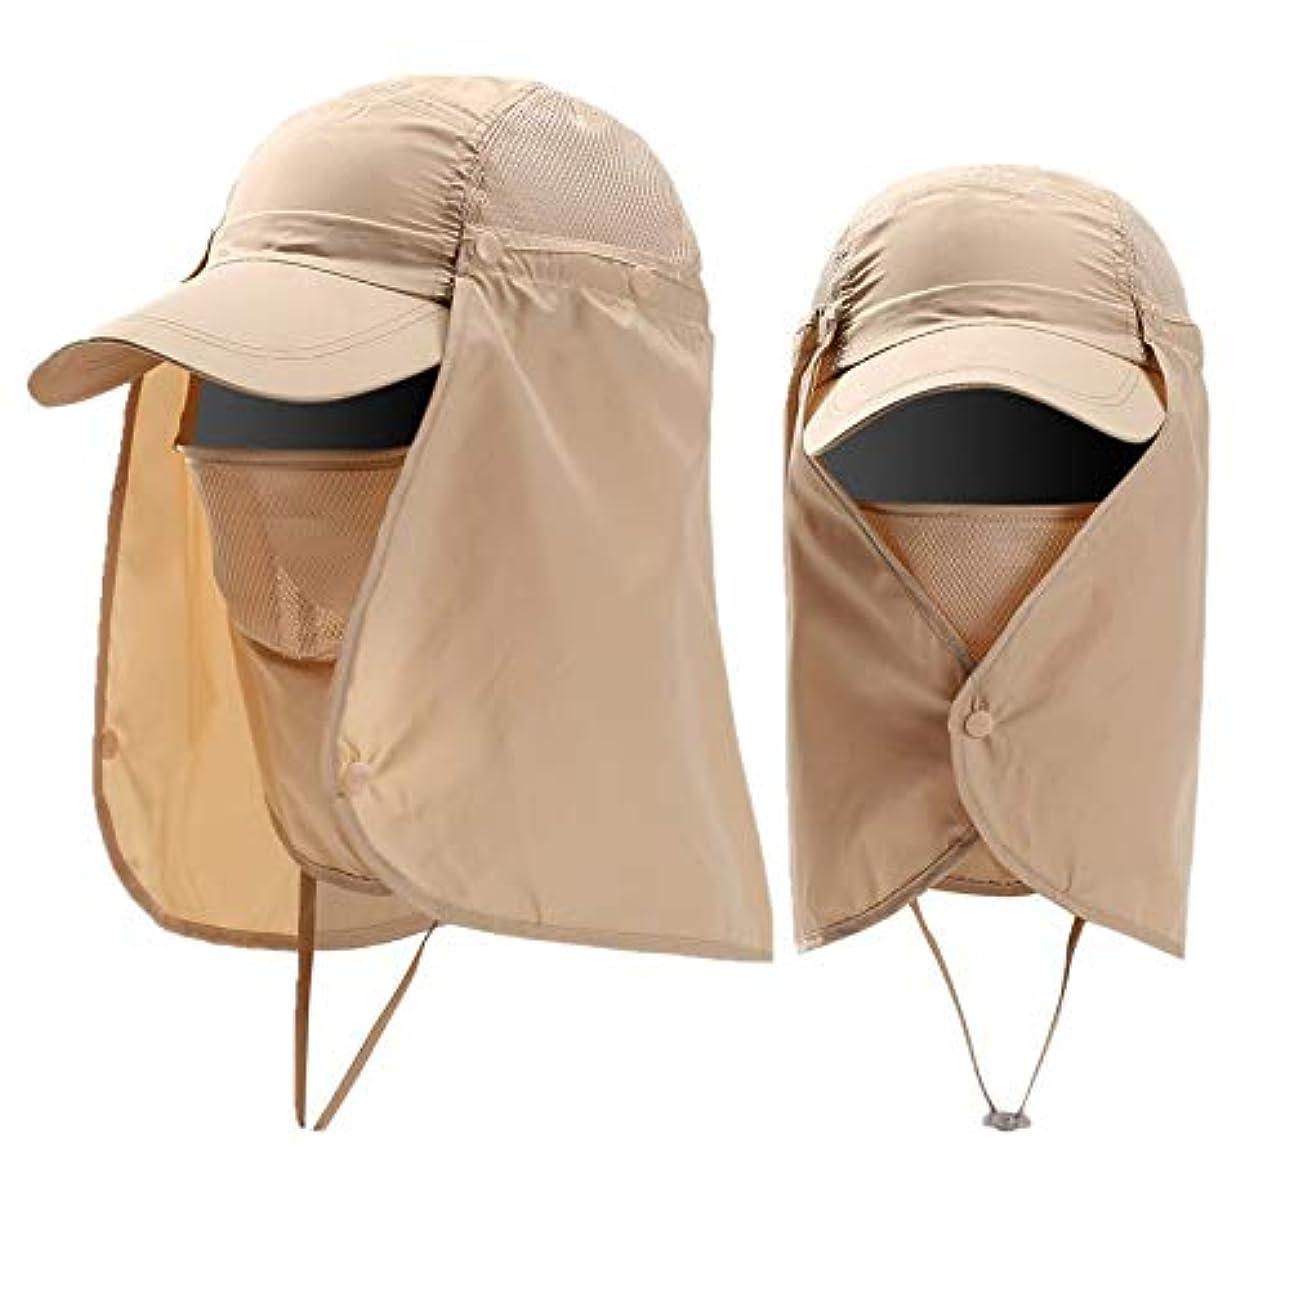 マスク同一の華氏TOOGOO アウトドア登山ハイキングバイザー アウトドアスポーツ釣り紫外線保護フェイスネックハット バイザーファッション帽子 ライディング防風サンドキャップ カーキ